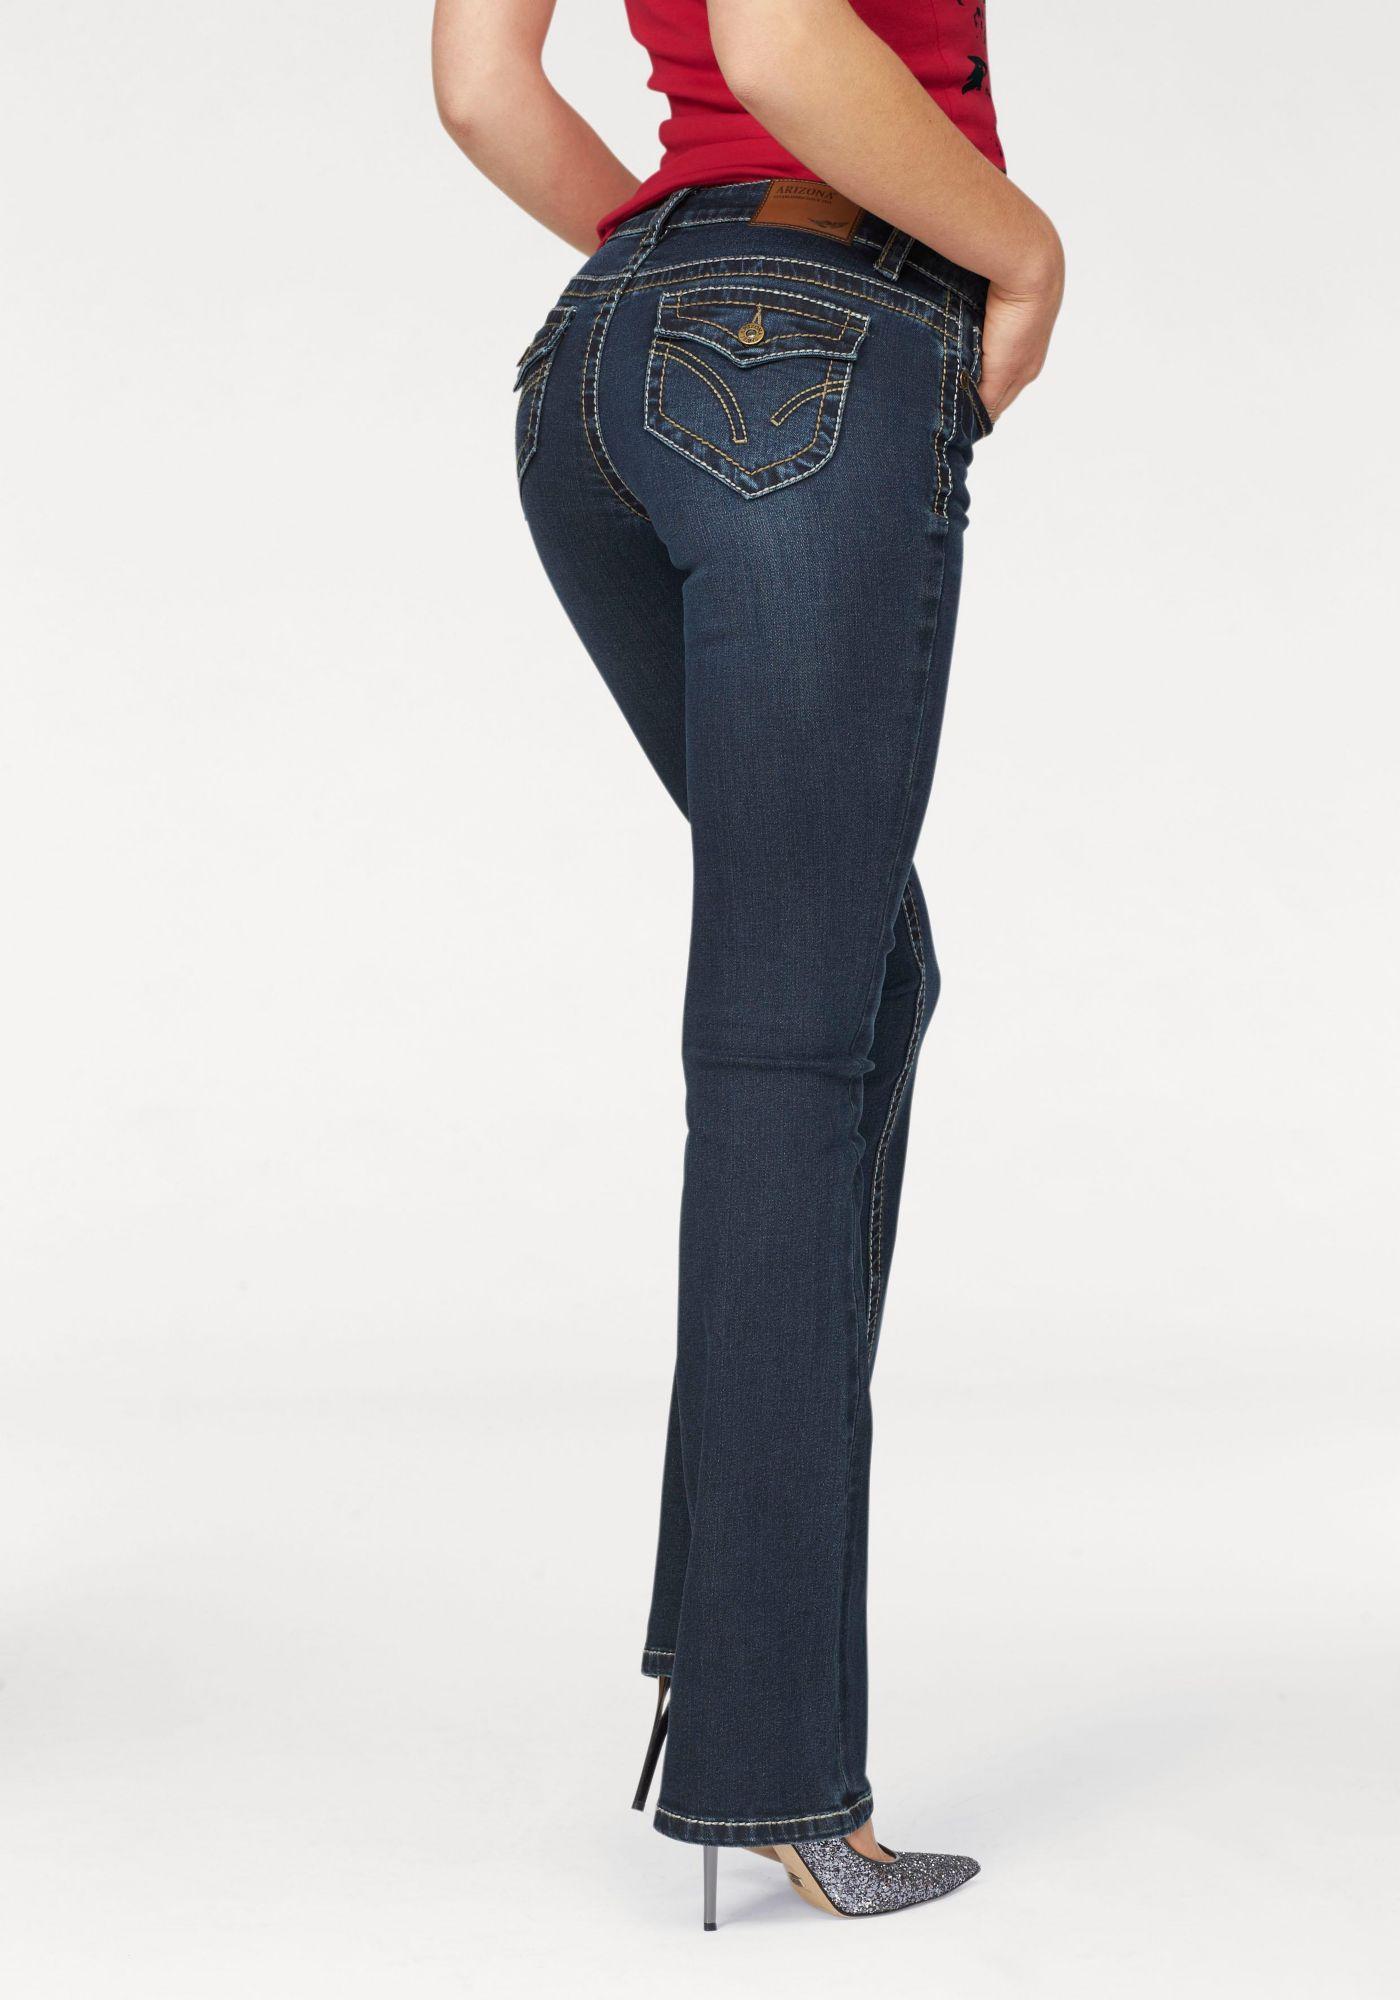 ARIZONA Arizona Bootcut-Jeans »mit Kontrastnähten  und Pattentaschen«